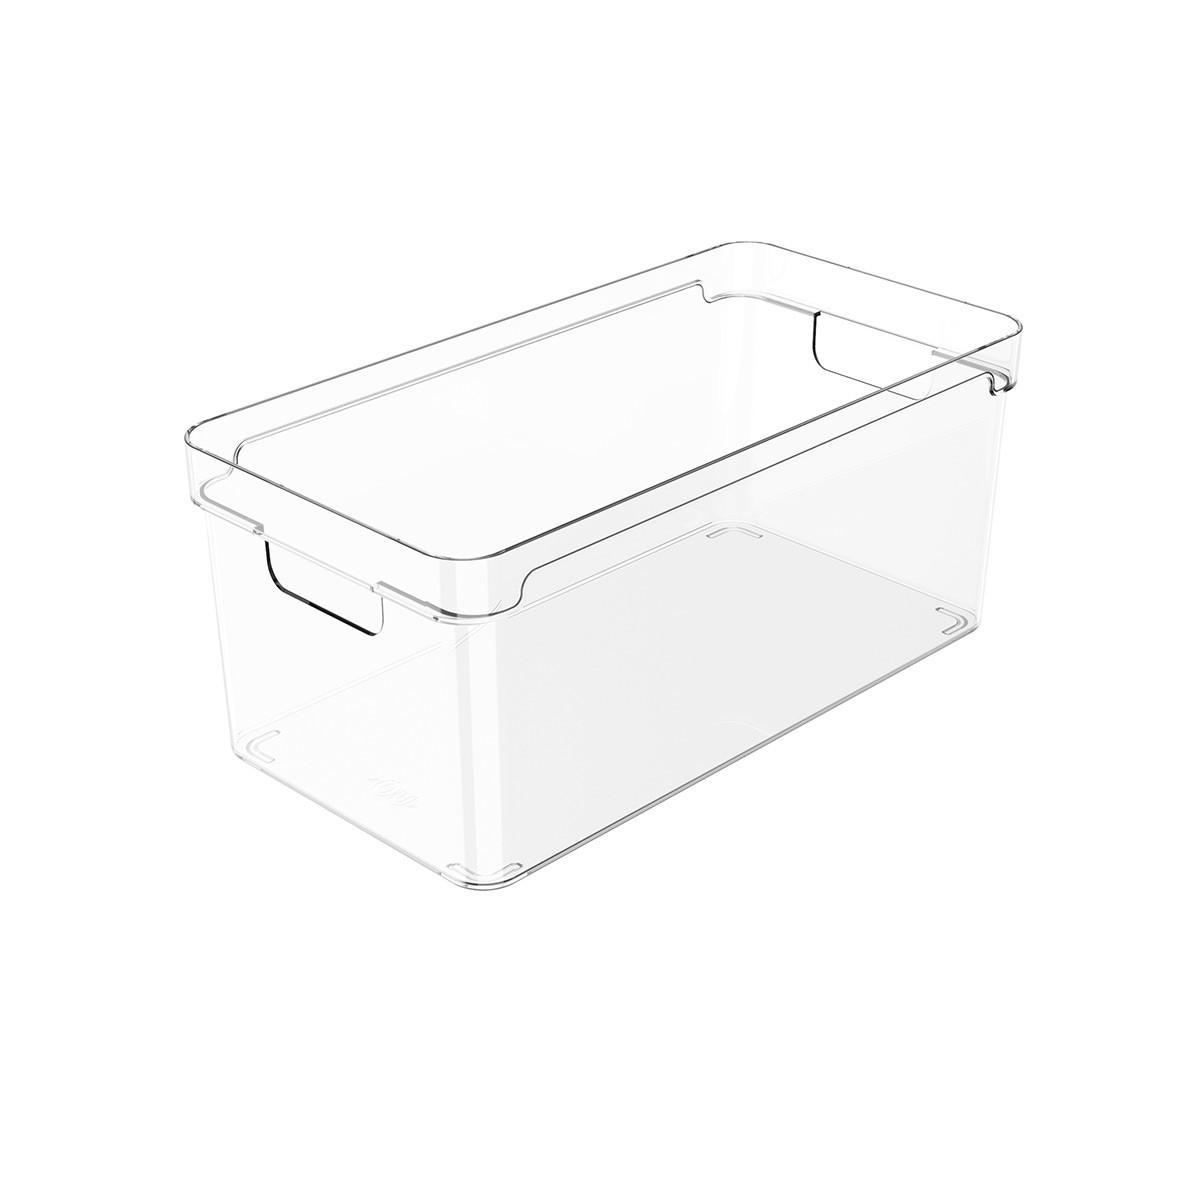 Organizador Clear 30x15x13 cm Transparente - Ou